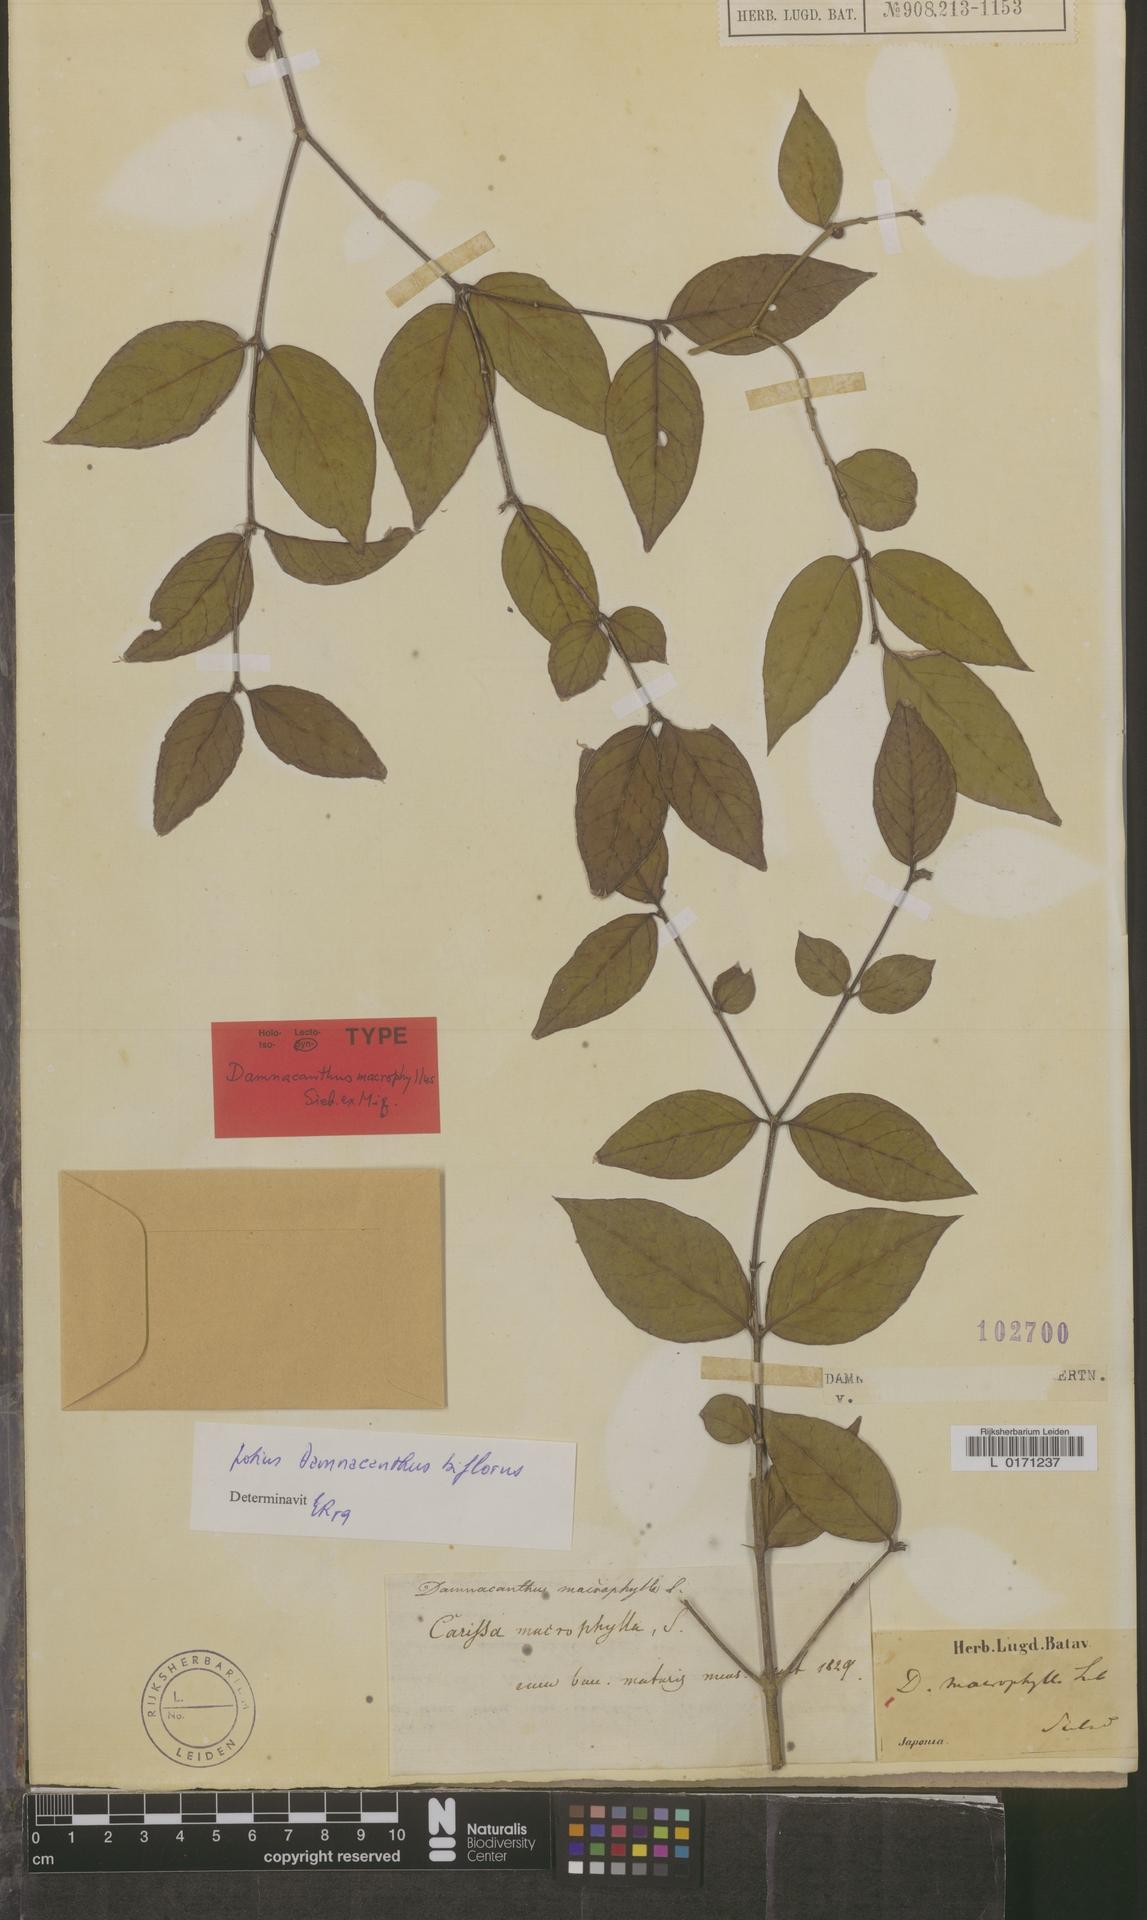 L  0171237 | Damnacanthus biflorus Koidz.